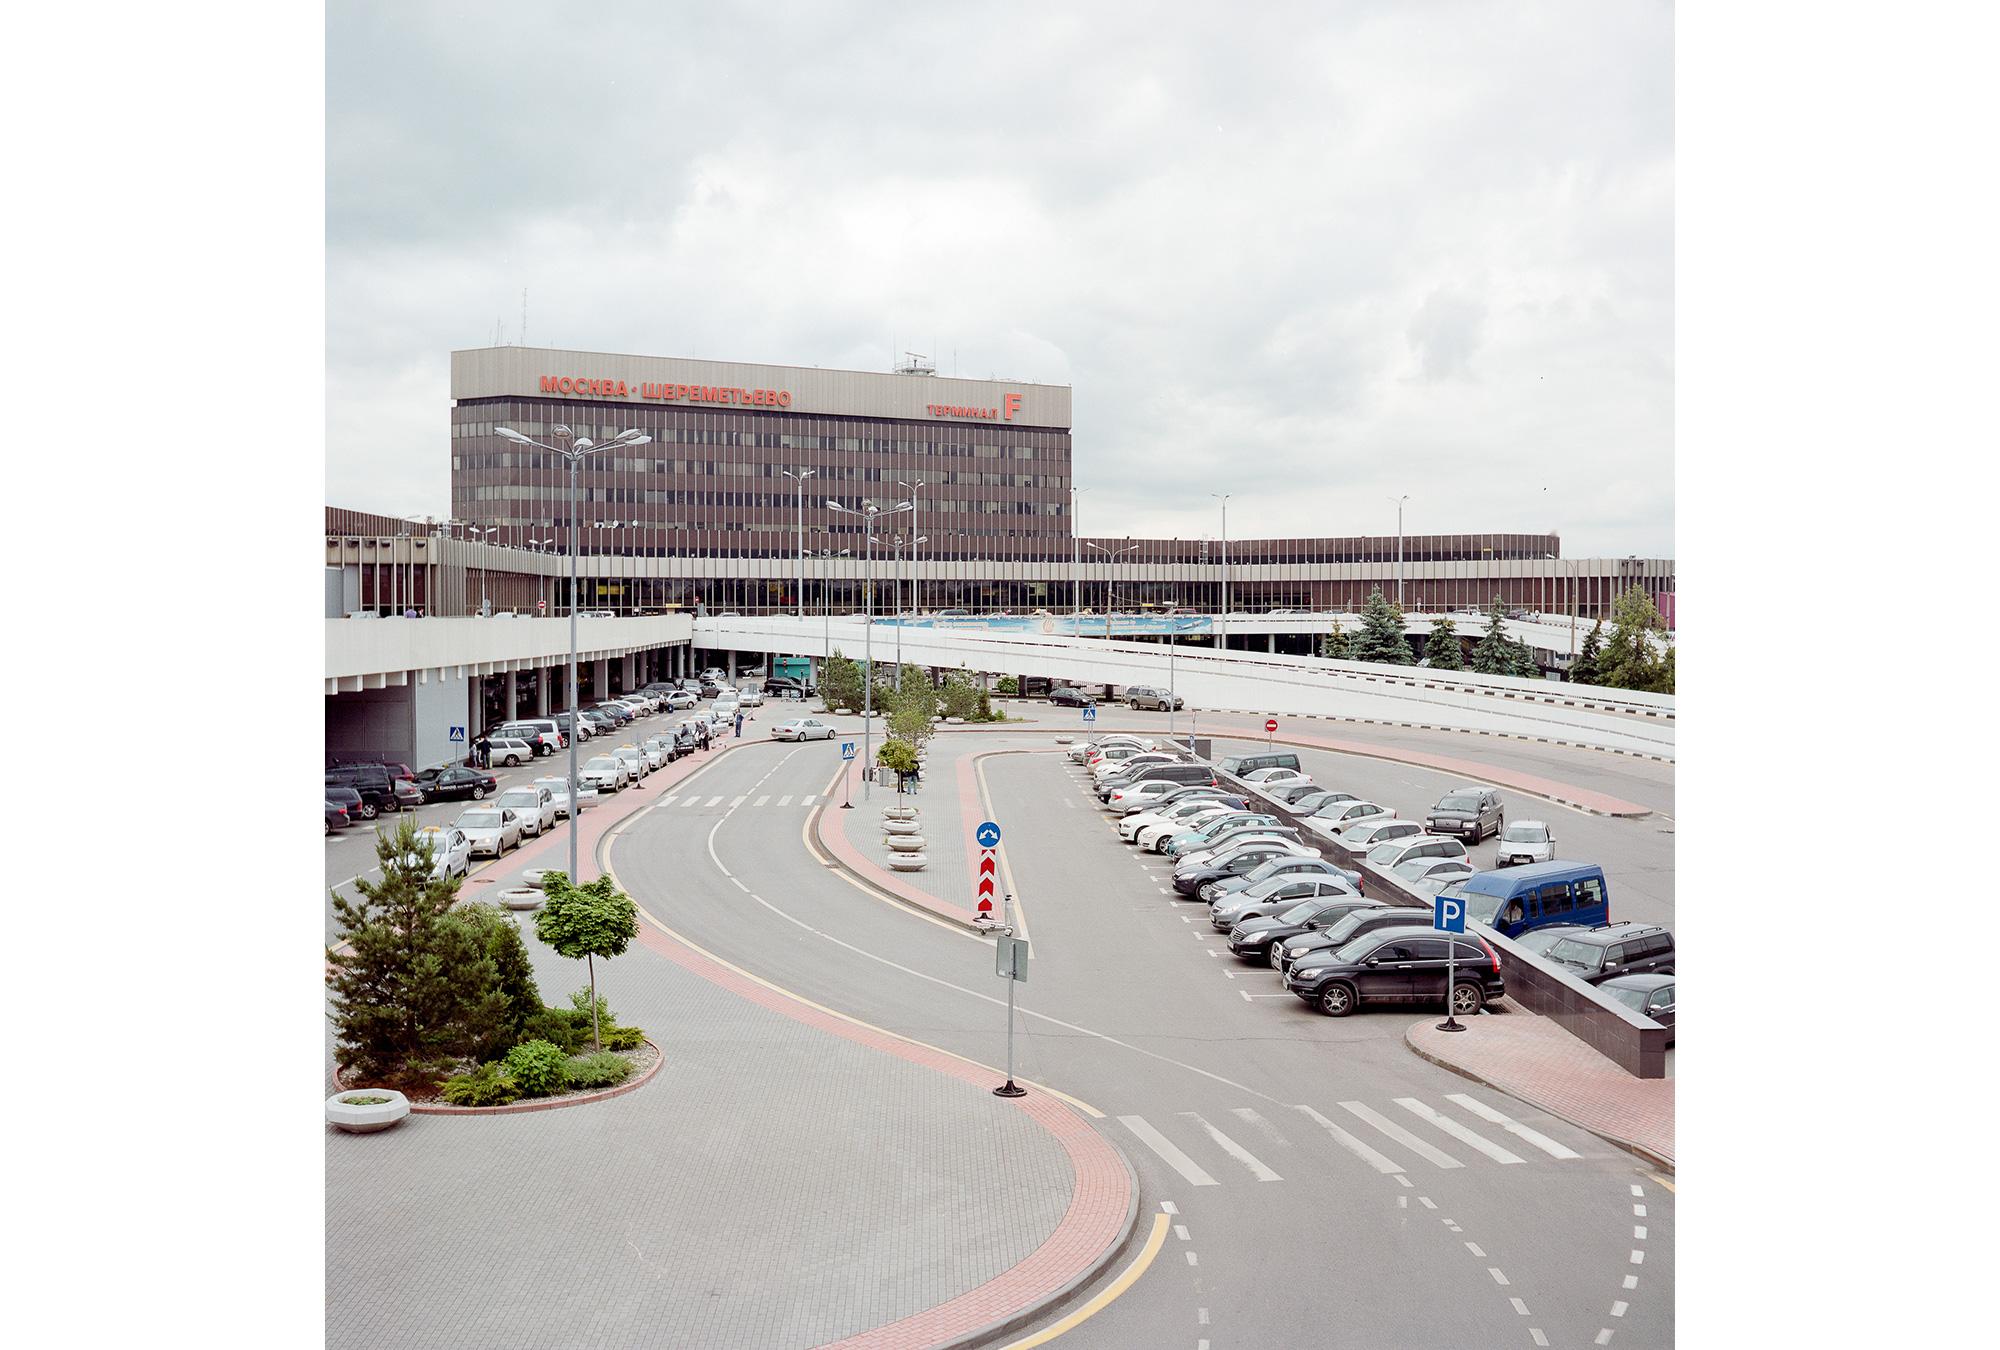 Das internationale Terminal am Flughafen Scheremetewo. Es wurde 1980 fertiggestellt, kurz bevor die Olympischen Spiele begannen. Während der Spiele wurden an diesem Terminal beinahe eine halbe Million internationaler Fluggäste abgefertigt.